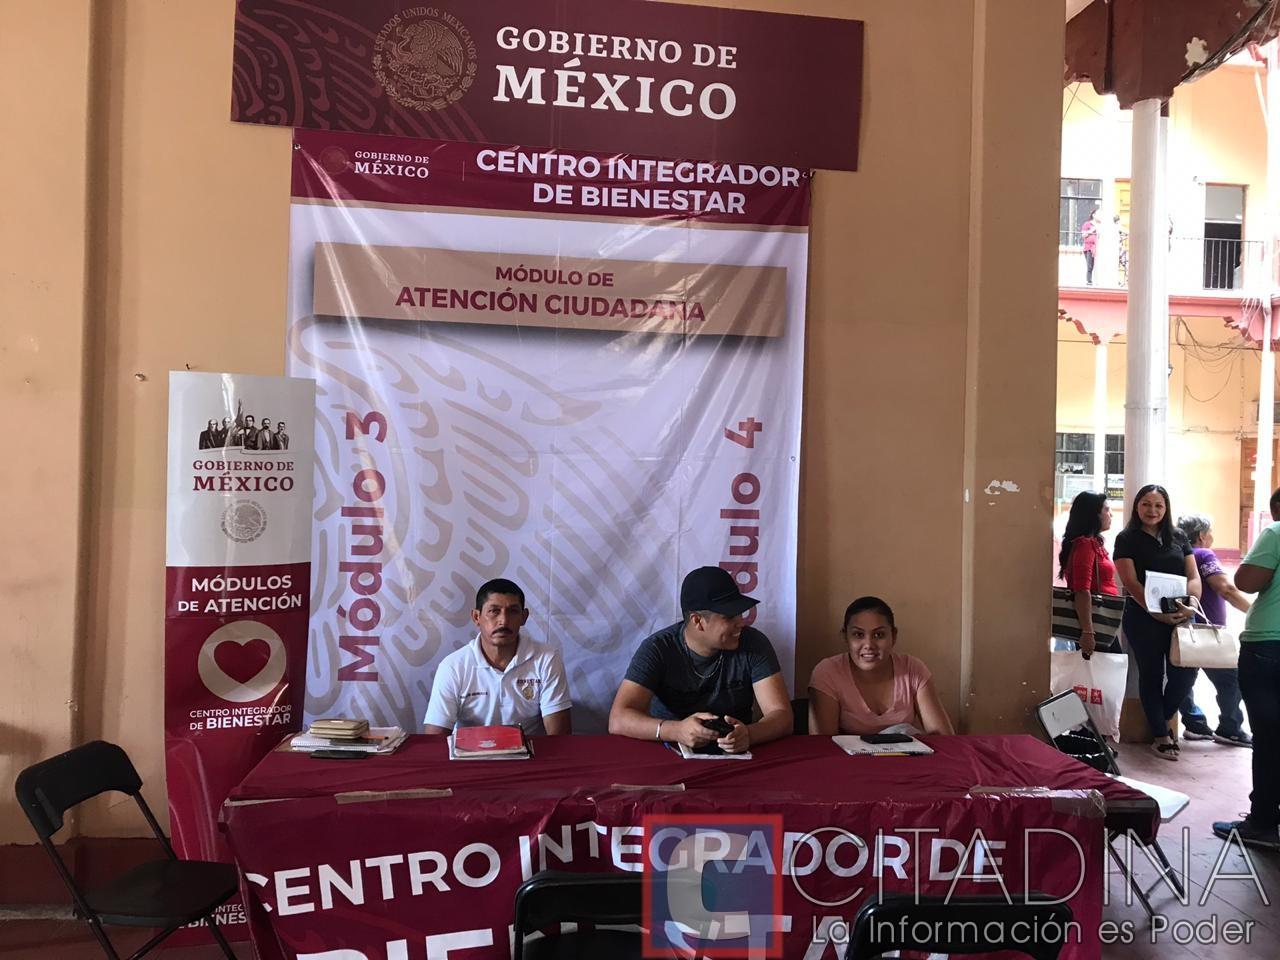 Instalan En Palacio Centro Integrador Bienestar Donde